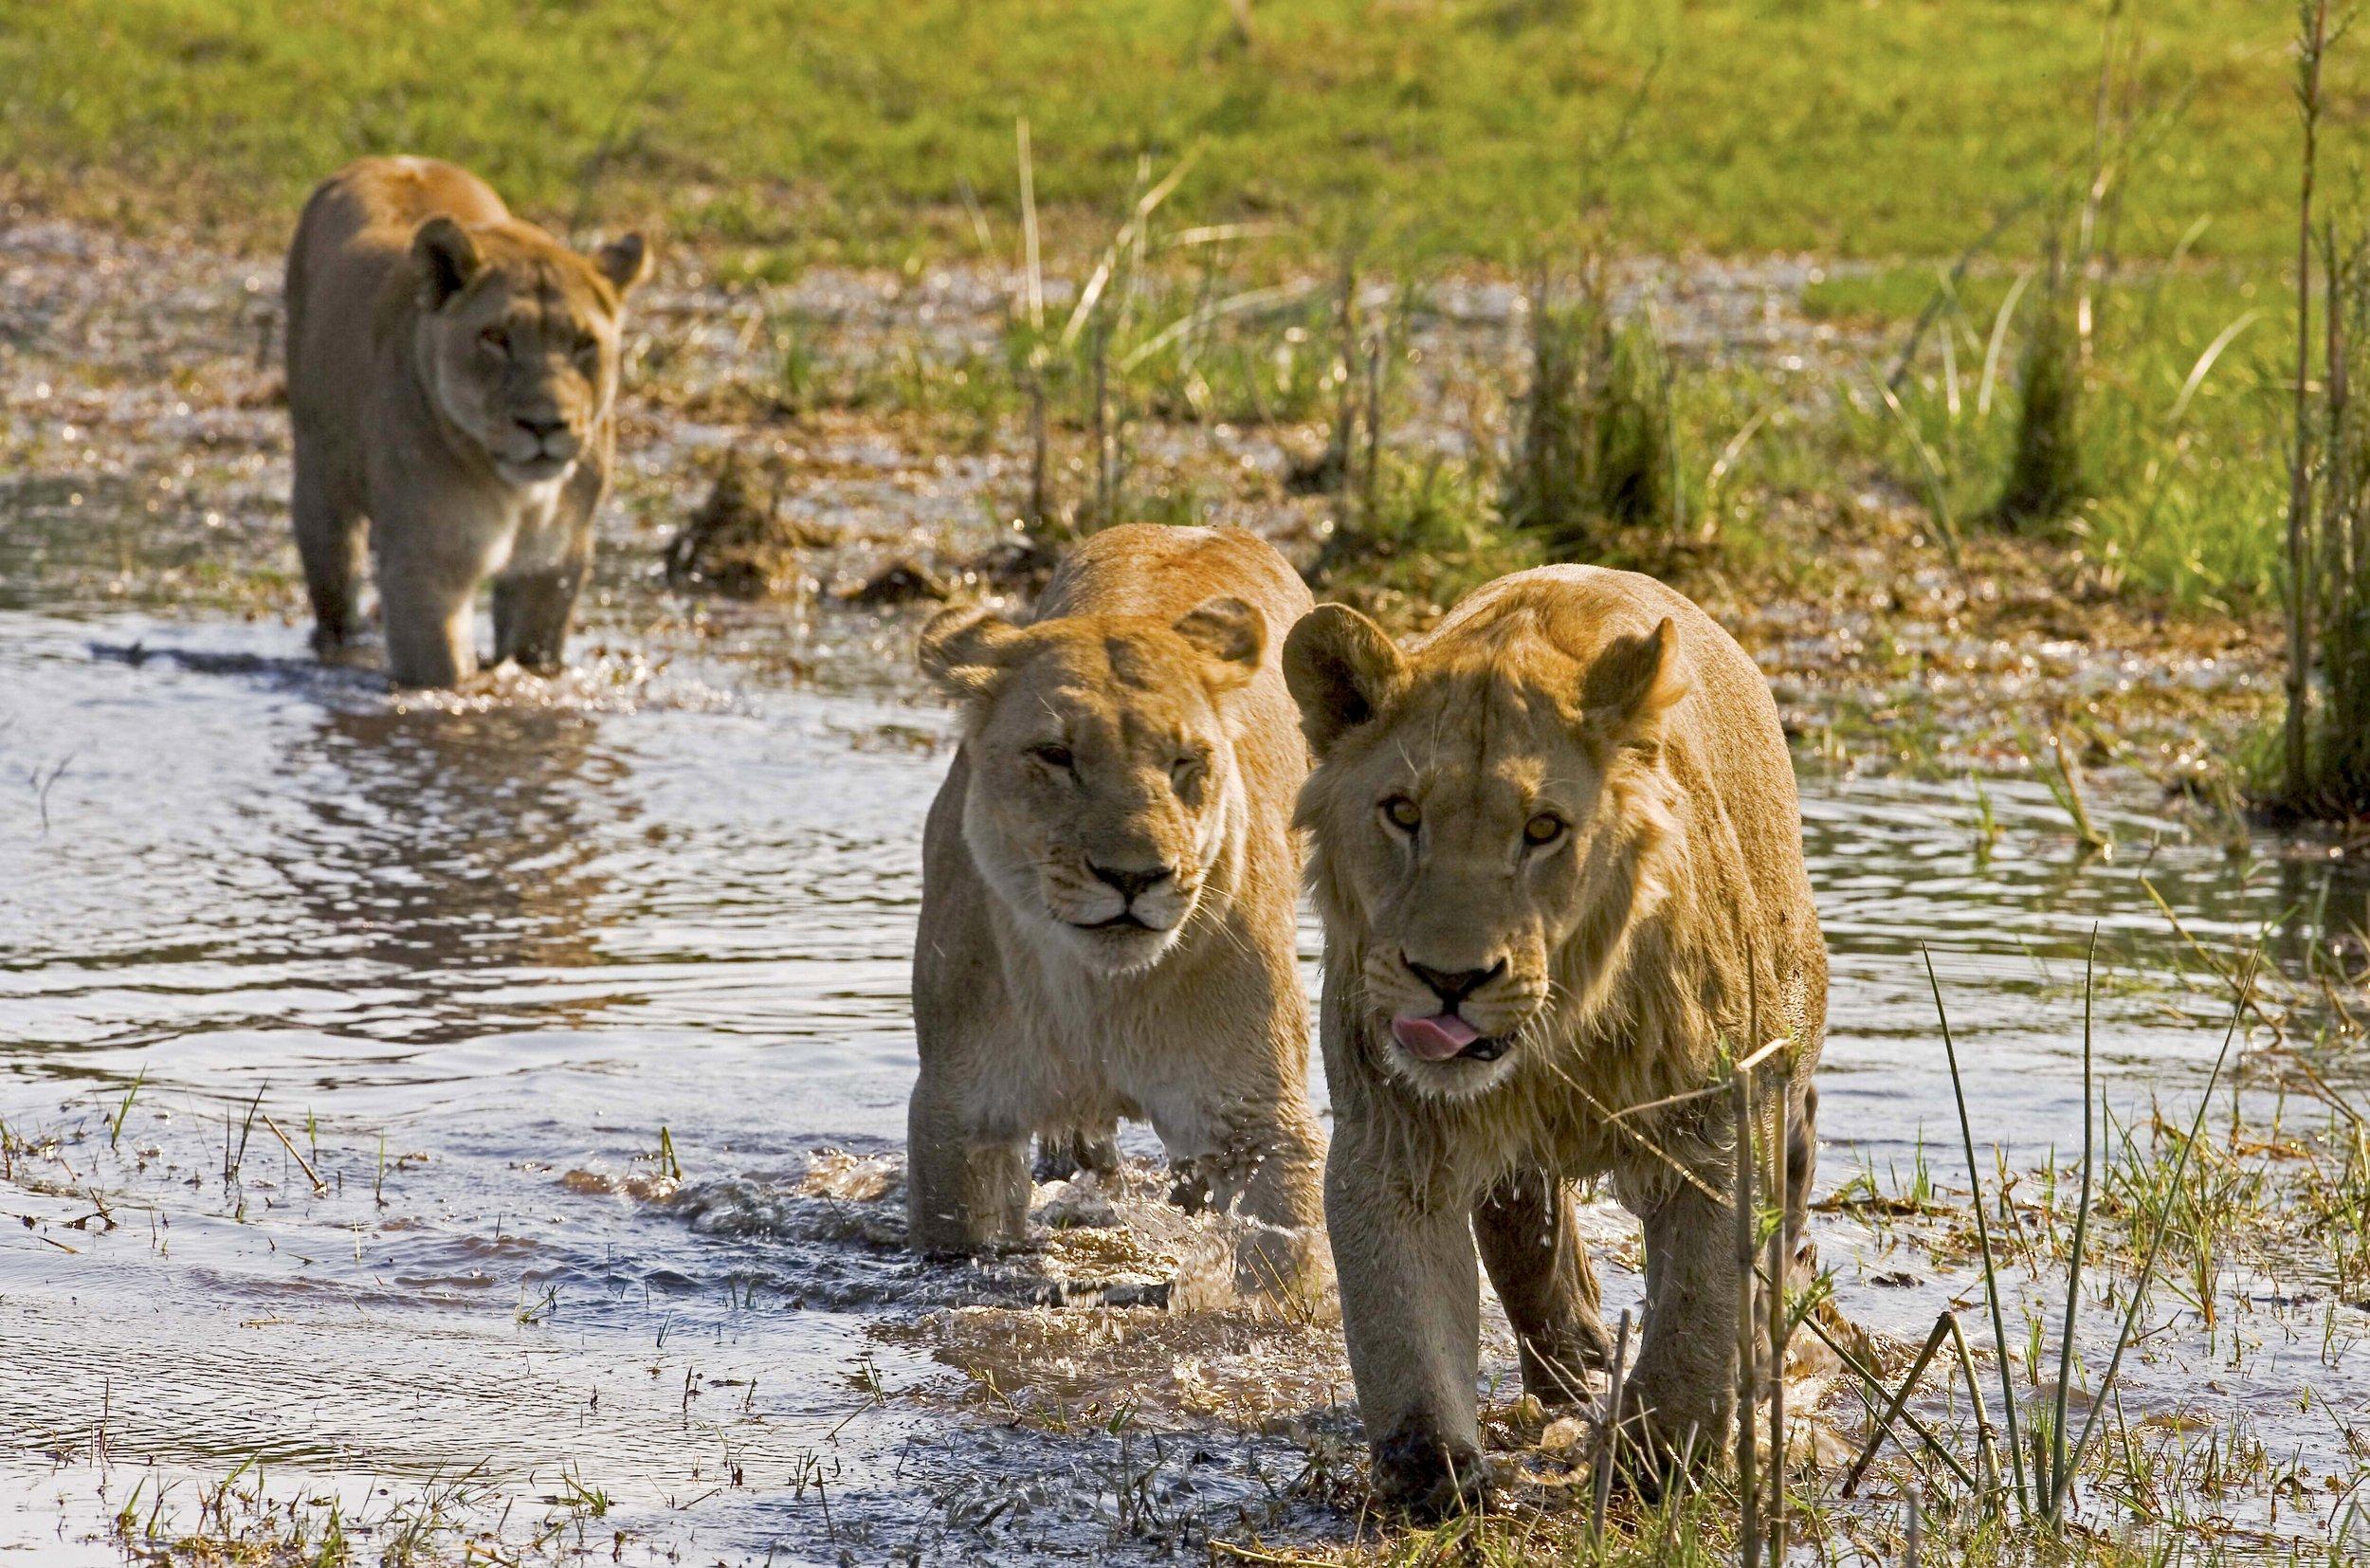 selindaadventuretrail-wildlife-greatplainsconservation-16.jpg